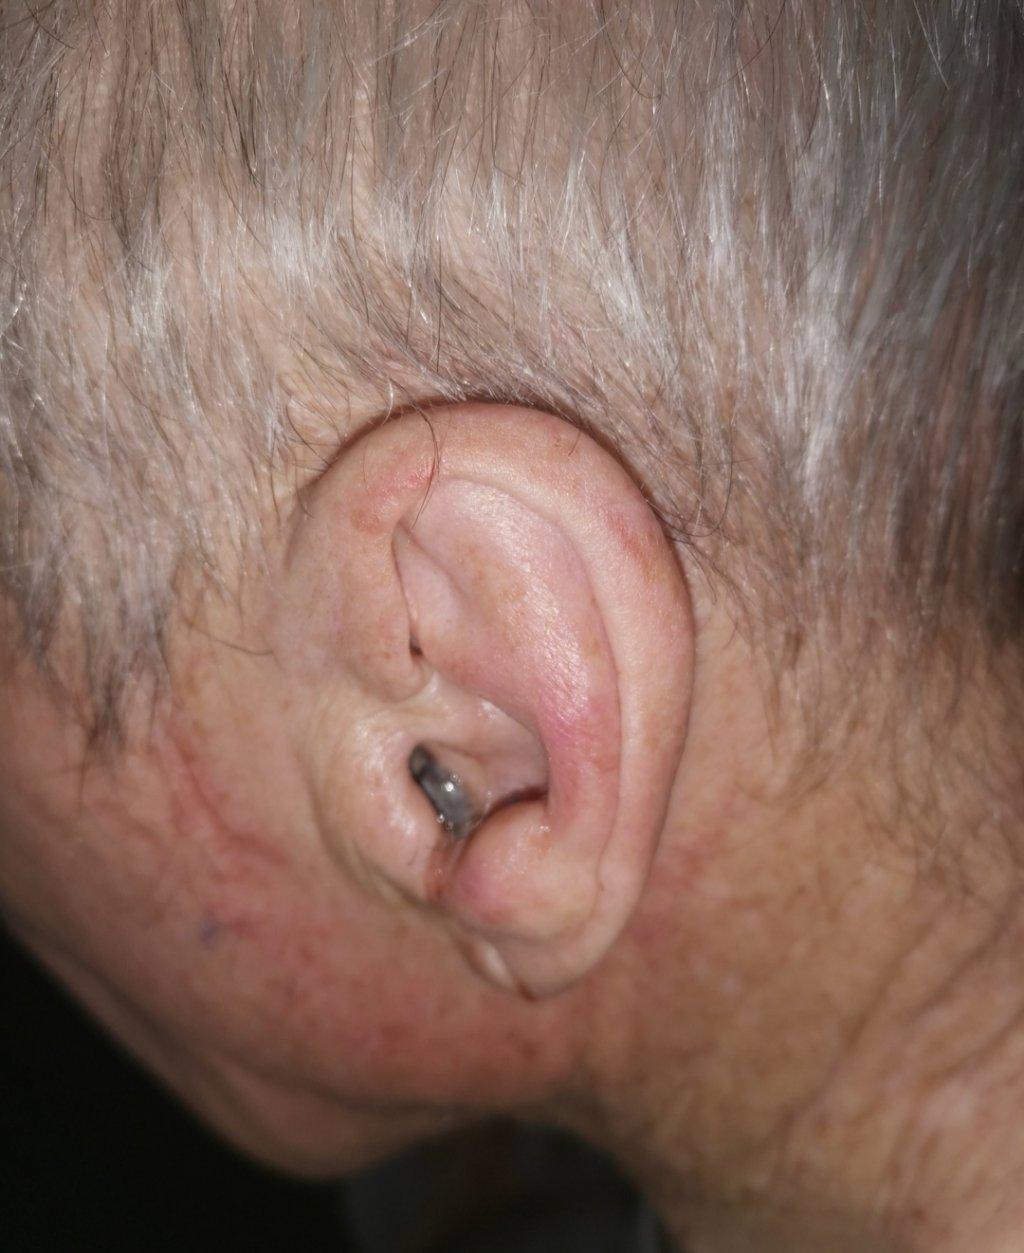 Кожная меланома наружного слухового прохода